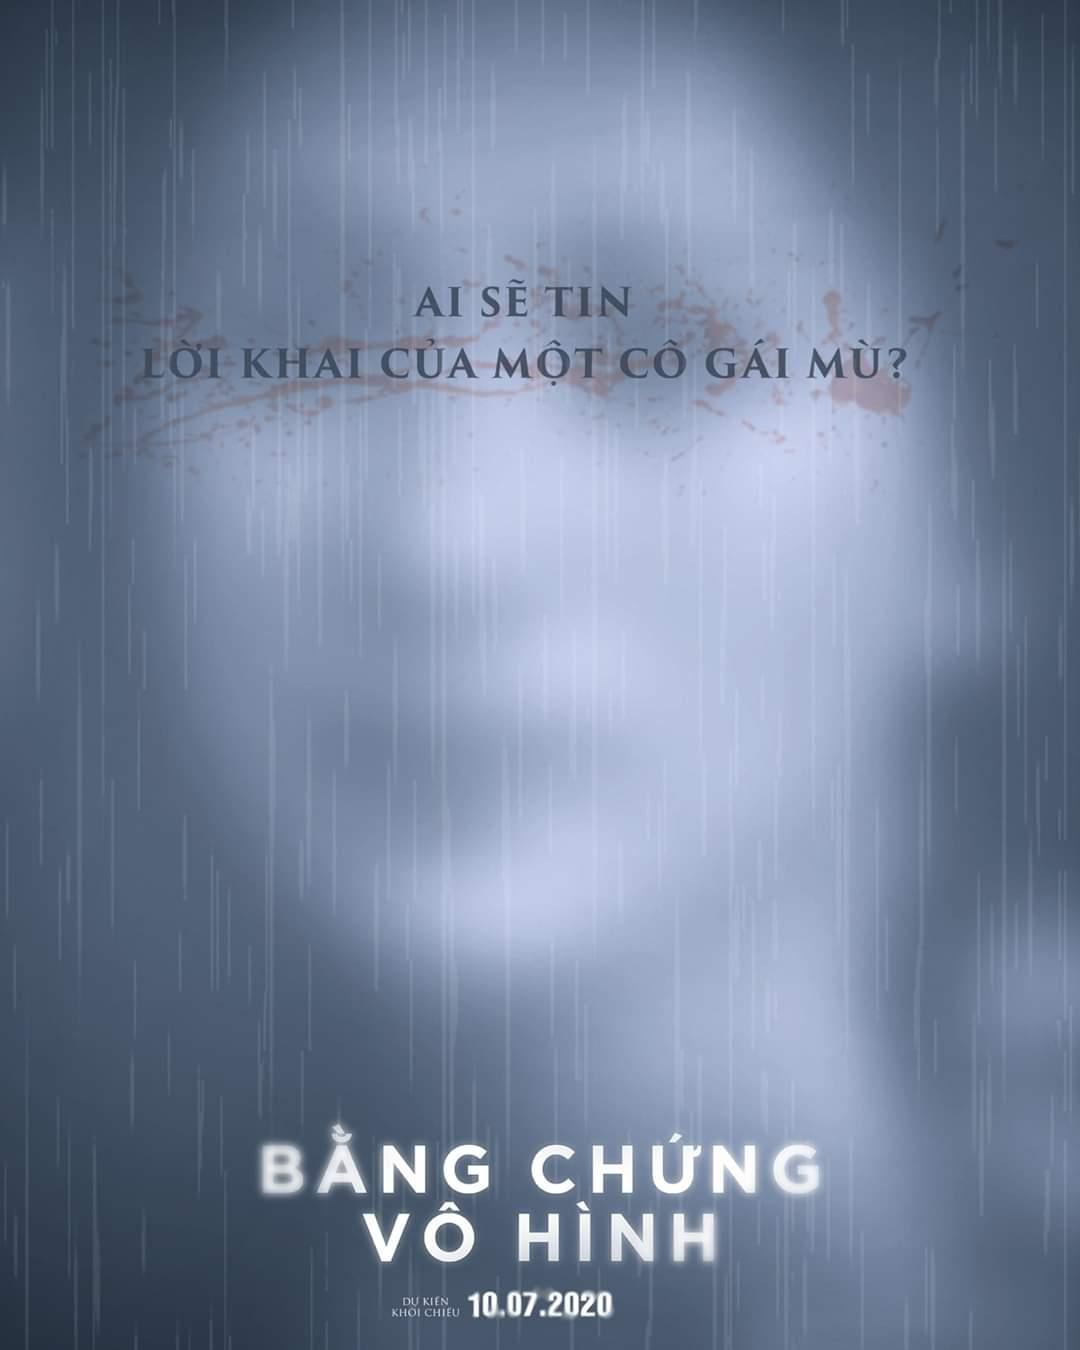 Đứng sau: Thưa mẹ con đi - đạo diễn Trịnh Đình Lê Minh ra mắt bộ phim thể loại mới toanh!